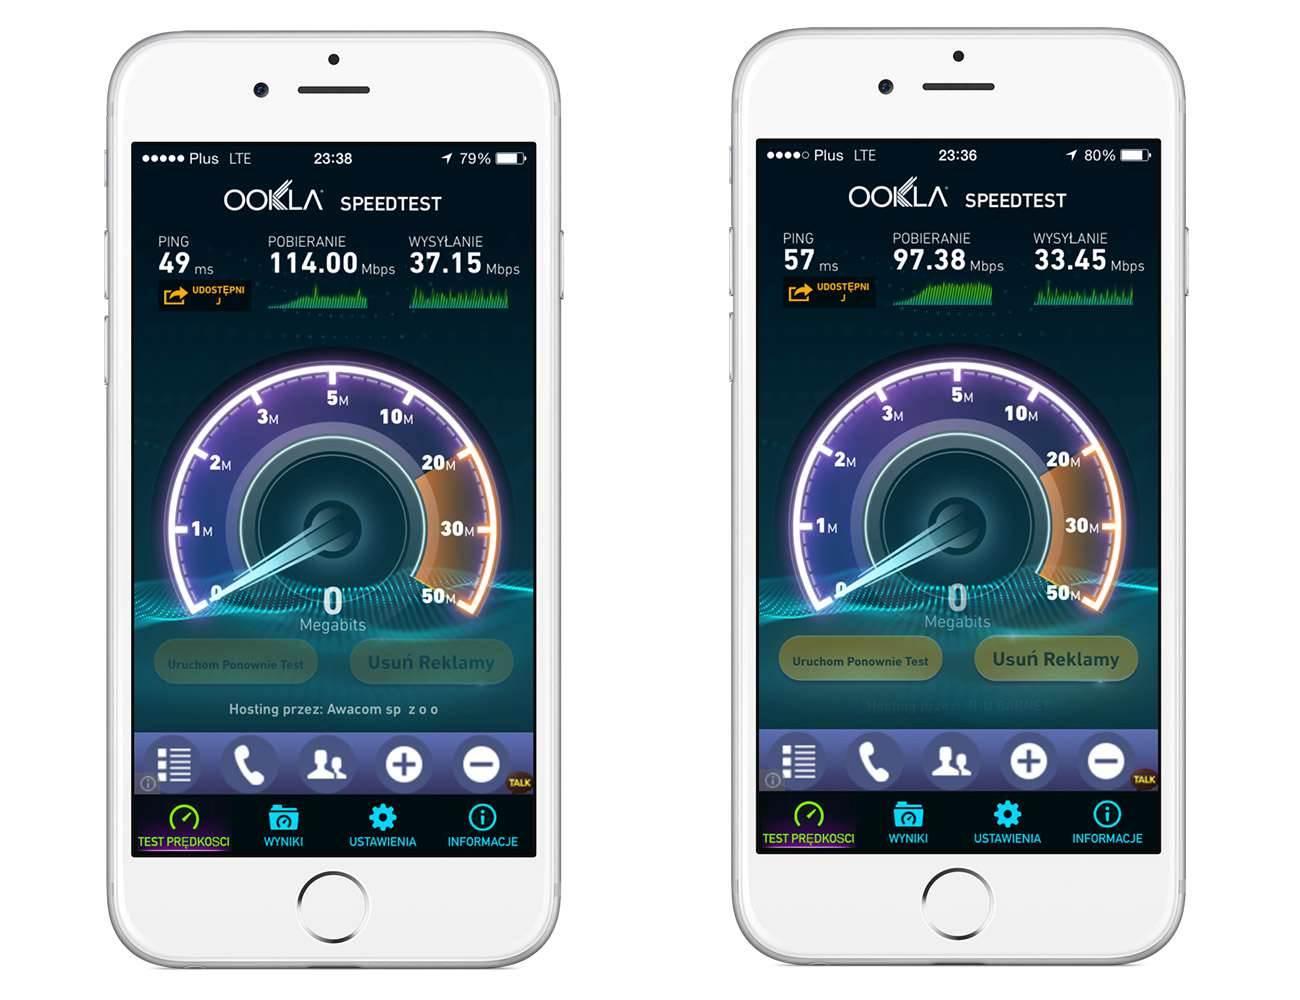 Jak aktywować LTE w taryfie MixPlus 6 w sieci Plus poradniki, polecane, ciekawostki mixplus 6, LTE z Plusa w iPhone, LTE w MixPlus 6, LTE w iPhone, jak działa LTE w iPhone, iPhone, iOS 8.1.1  Świetna wiadomość na osób korzystających z taryfy MixPlus 6 w Plusie. Od dziś użytkownicy tej taryfy mogą bez problemu i zupełnie za darmo aktywować LTE! LTEplus